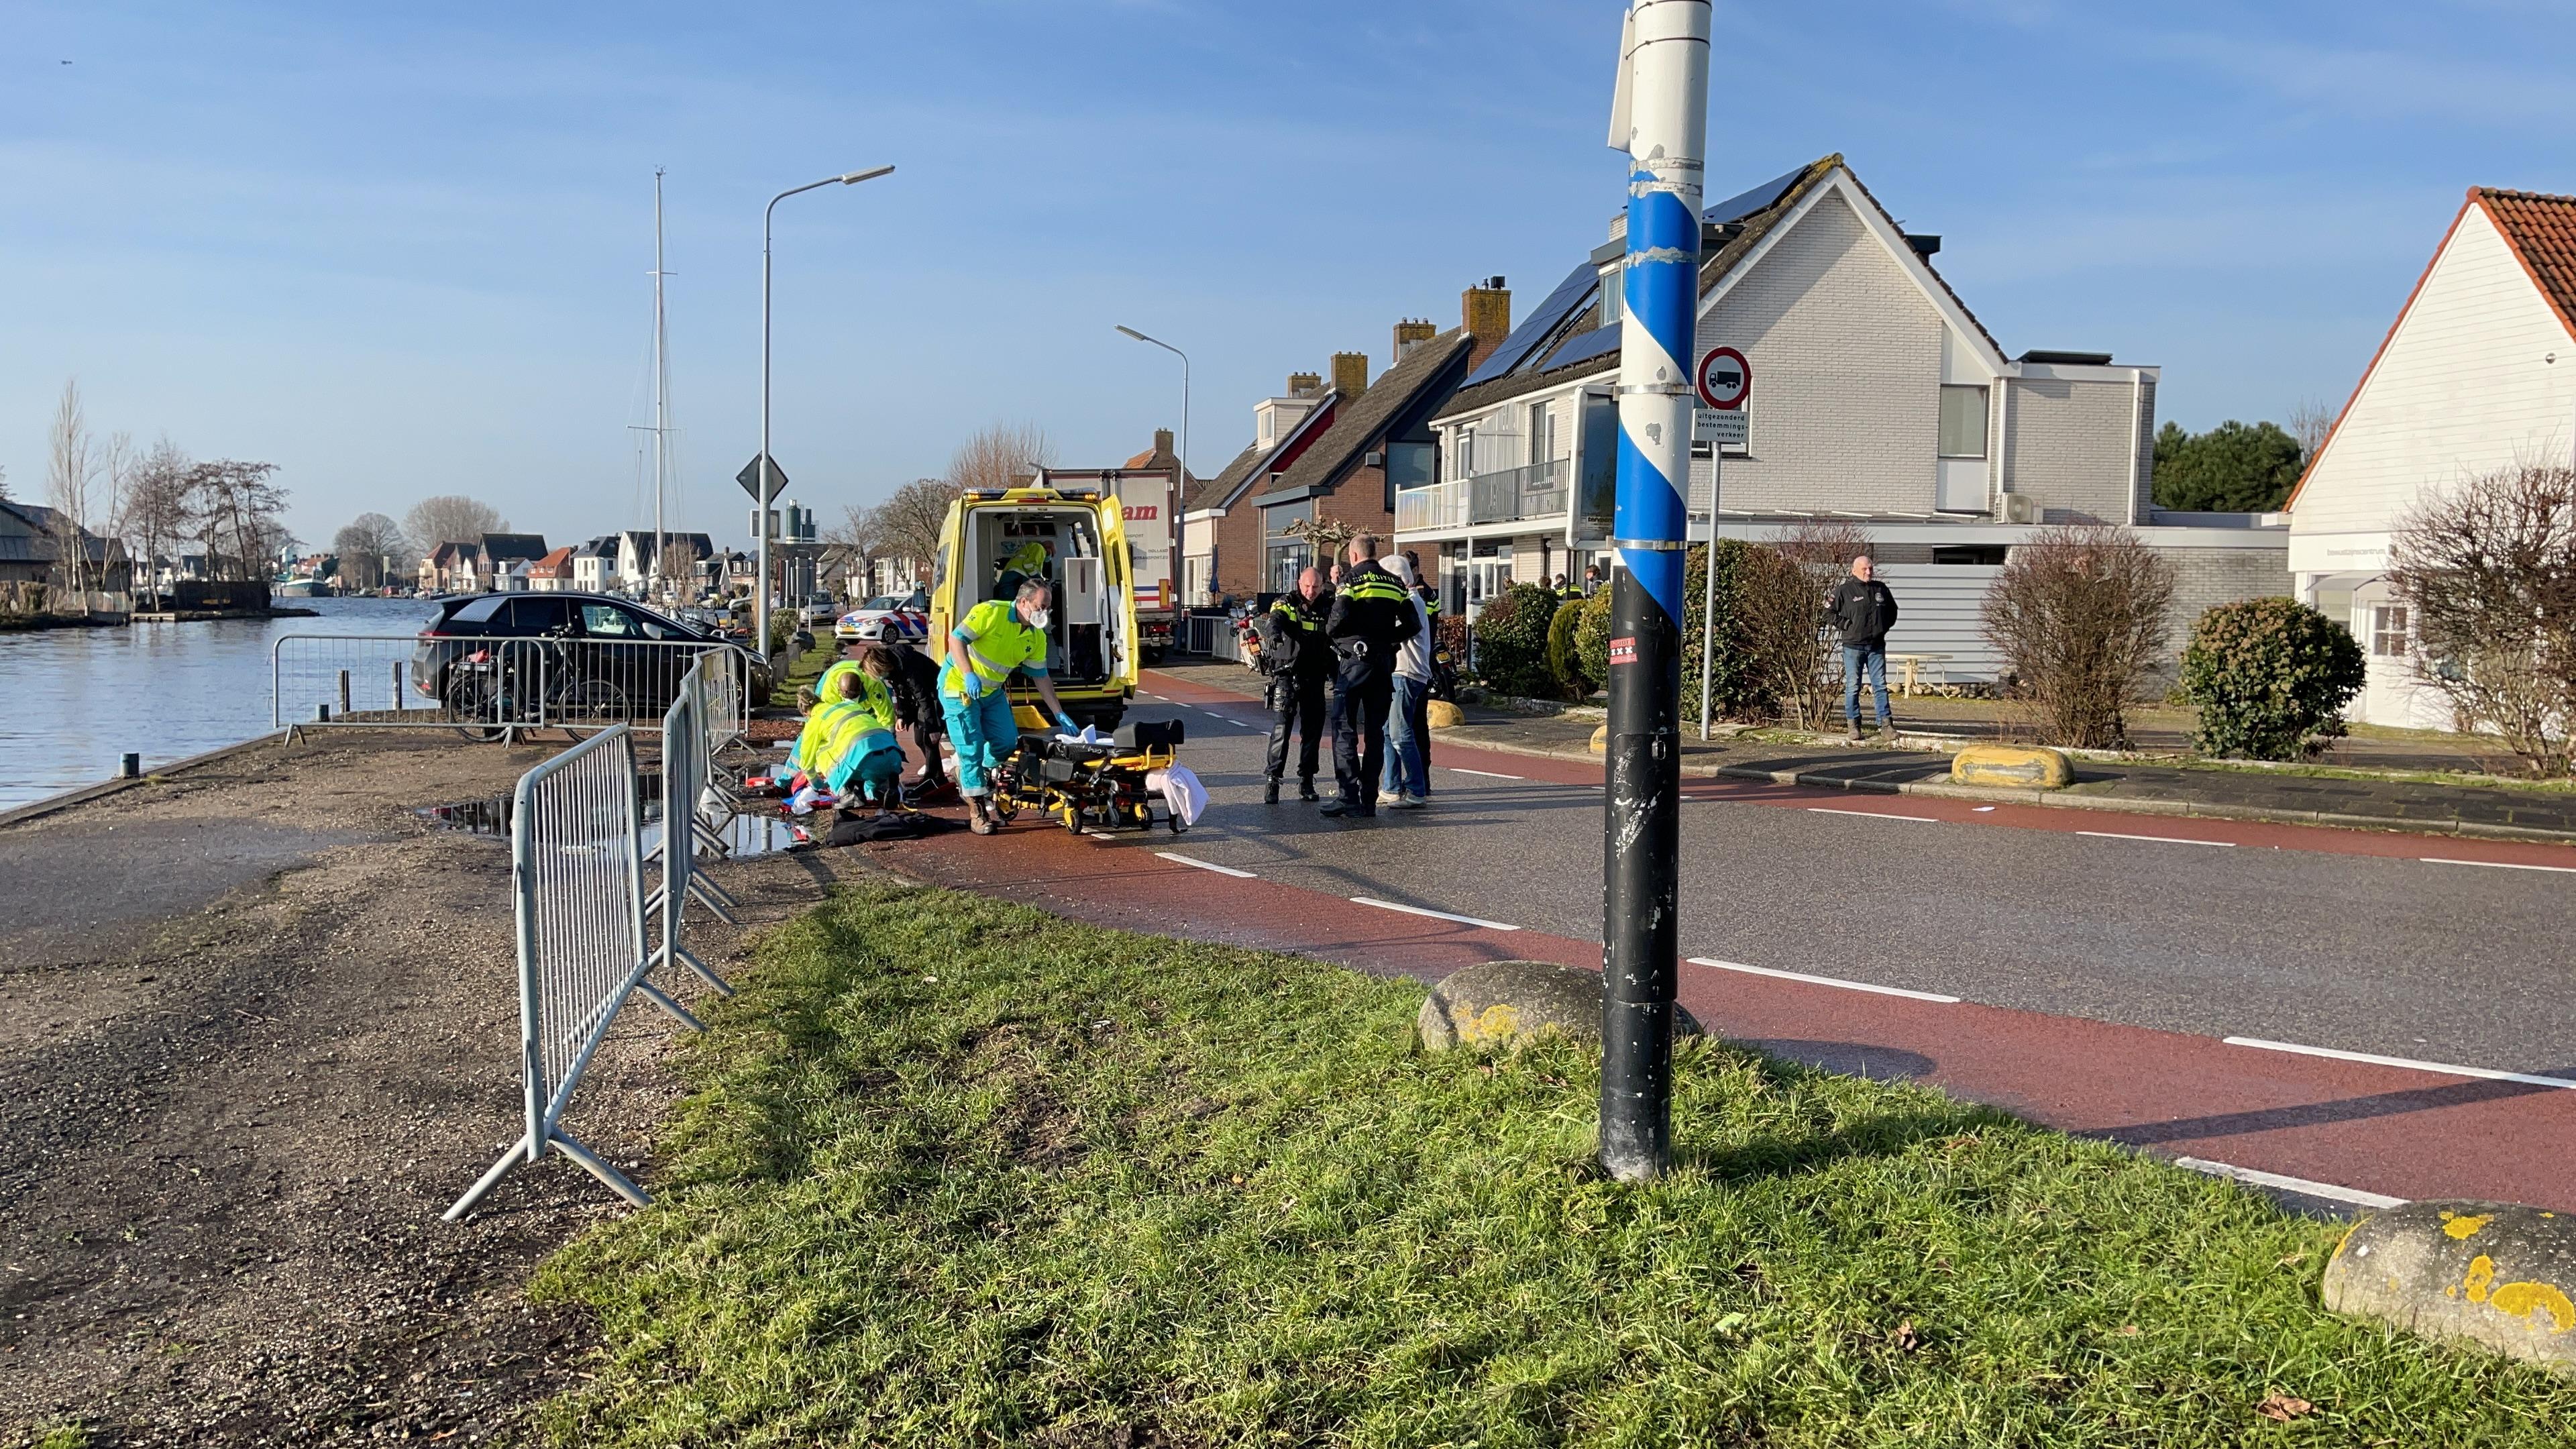 Fietser zwaargewond bij aanrijding met vrachtwagen in Rijsenhout; traumahelikopter ter plaatse